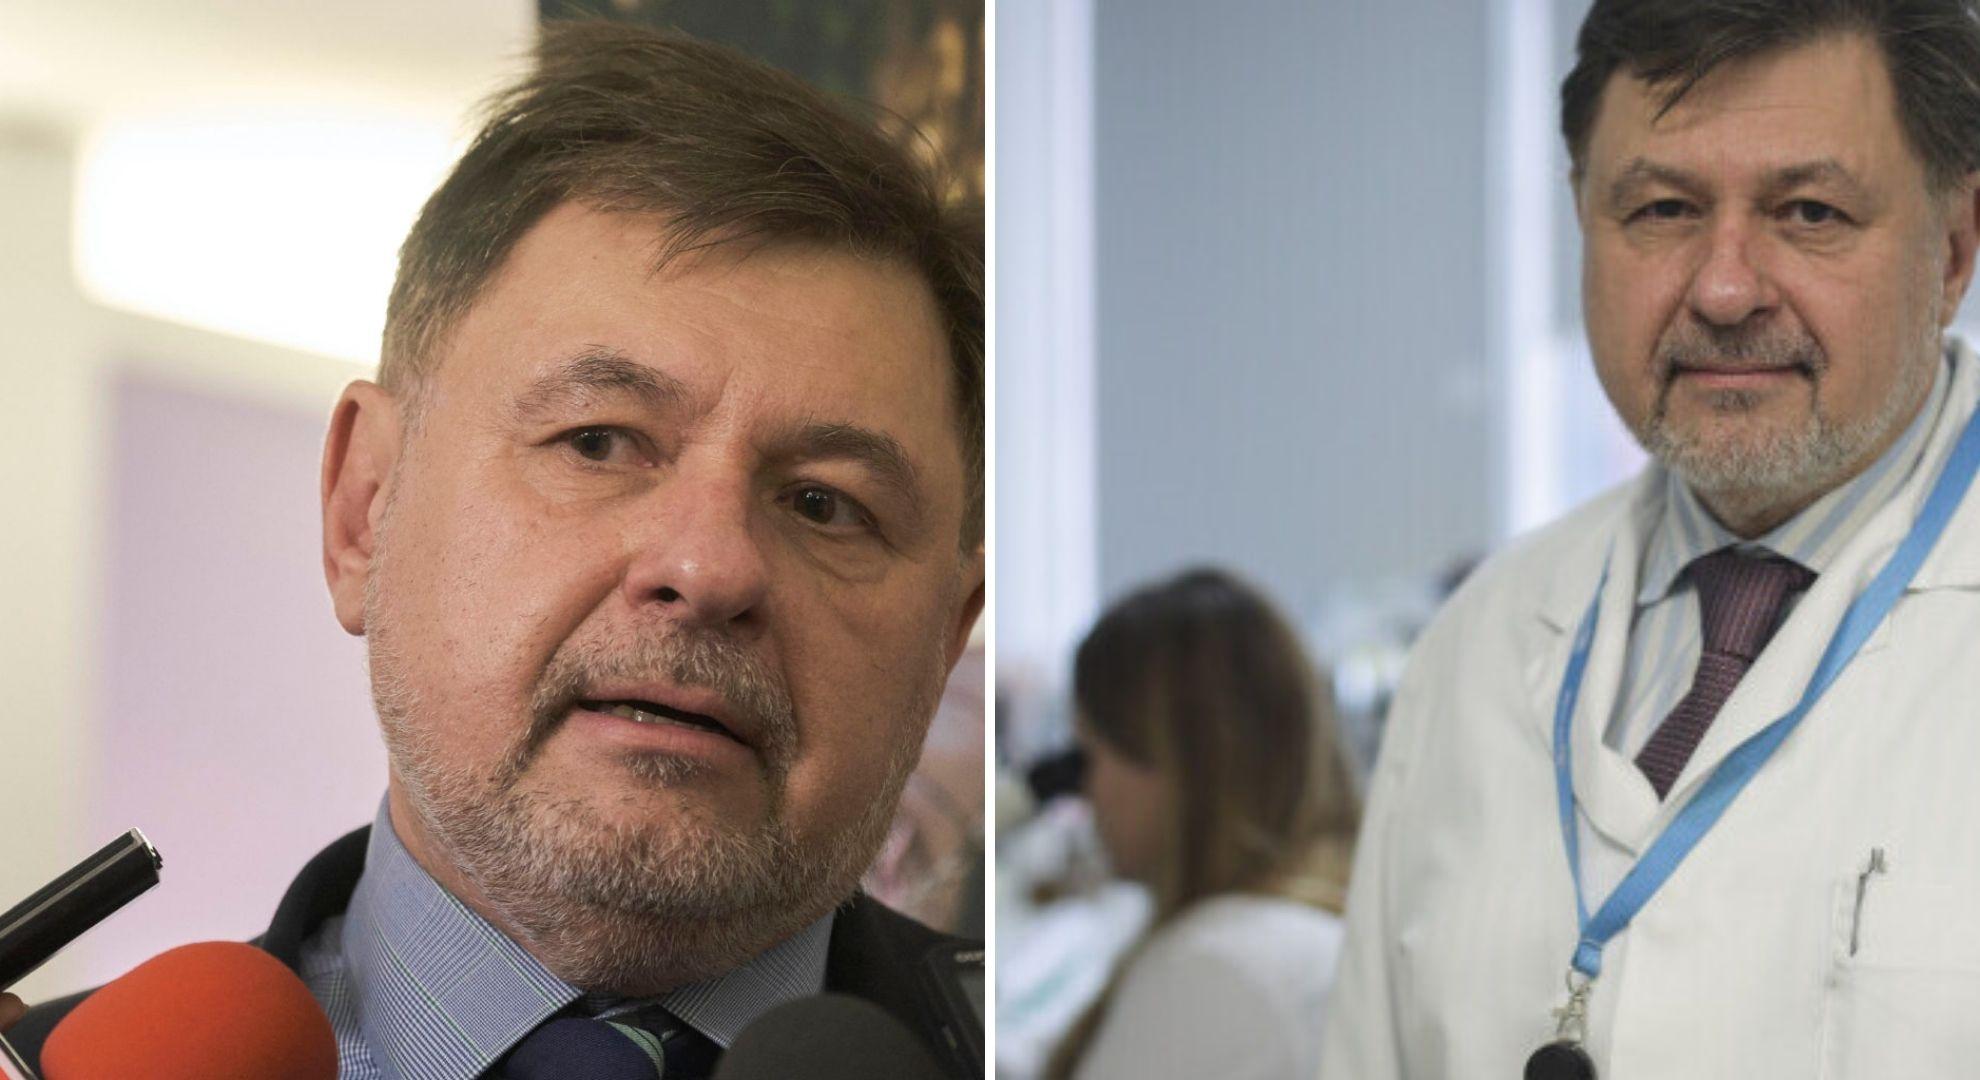 Alexandru Rafila a intrat în politică și candidează la alegerile parlamentare